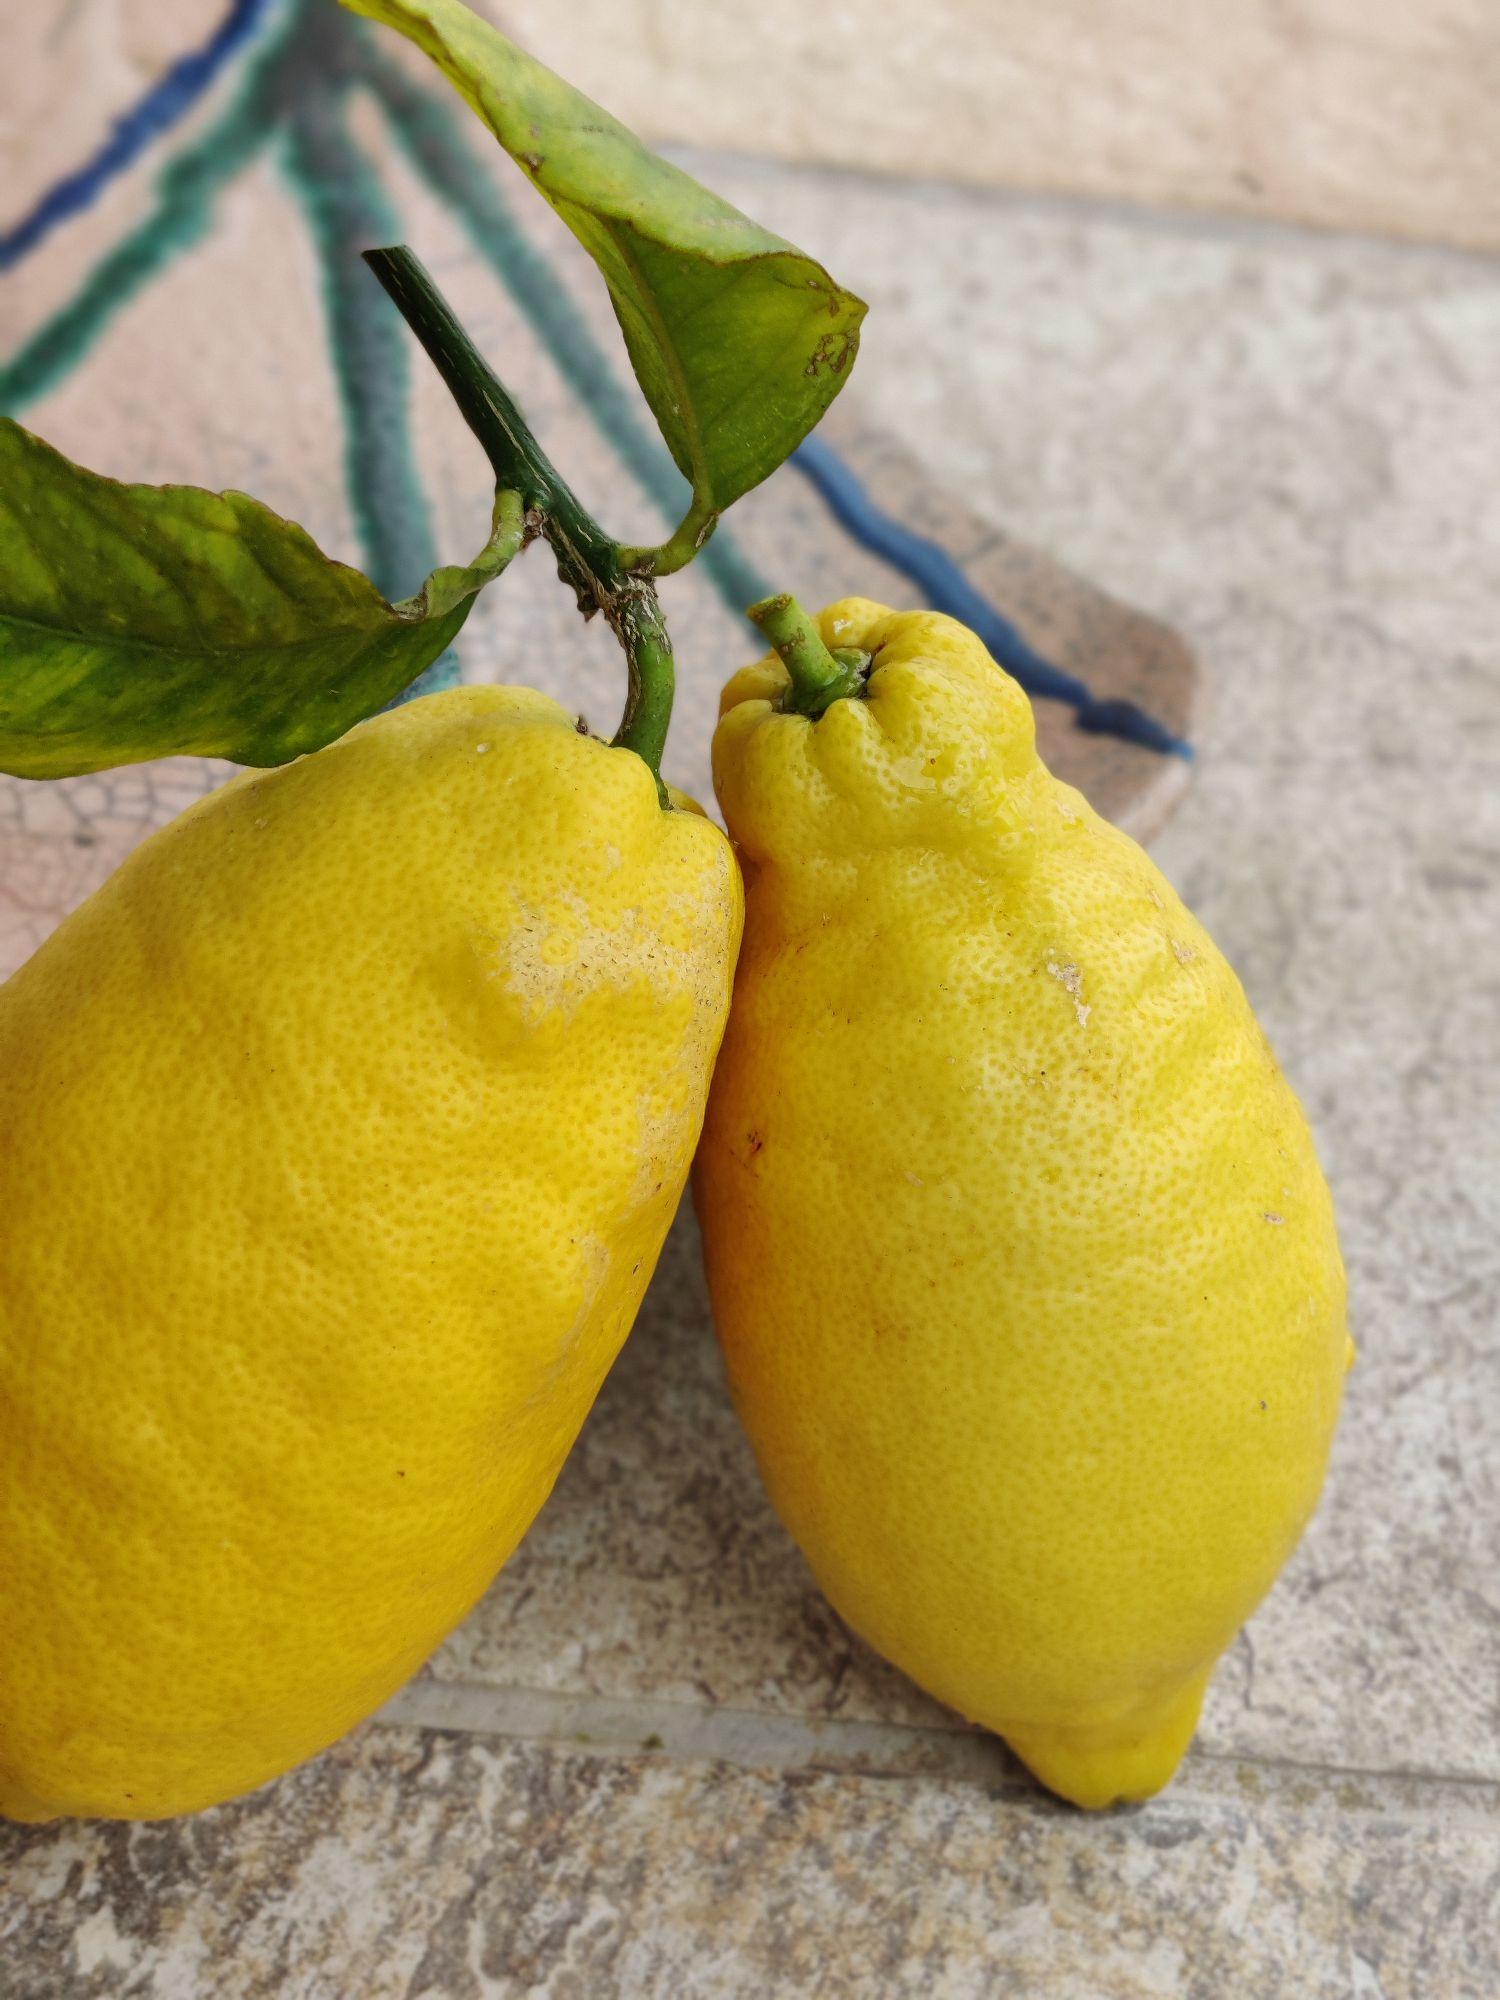 Последние лимоны с дерева. Сейчас цветут вовсю.